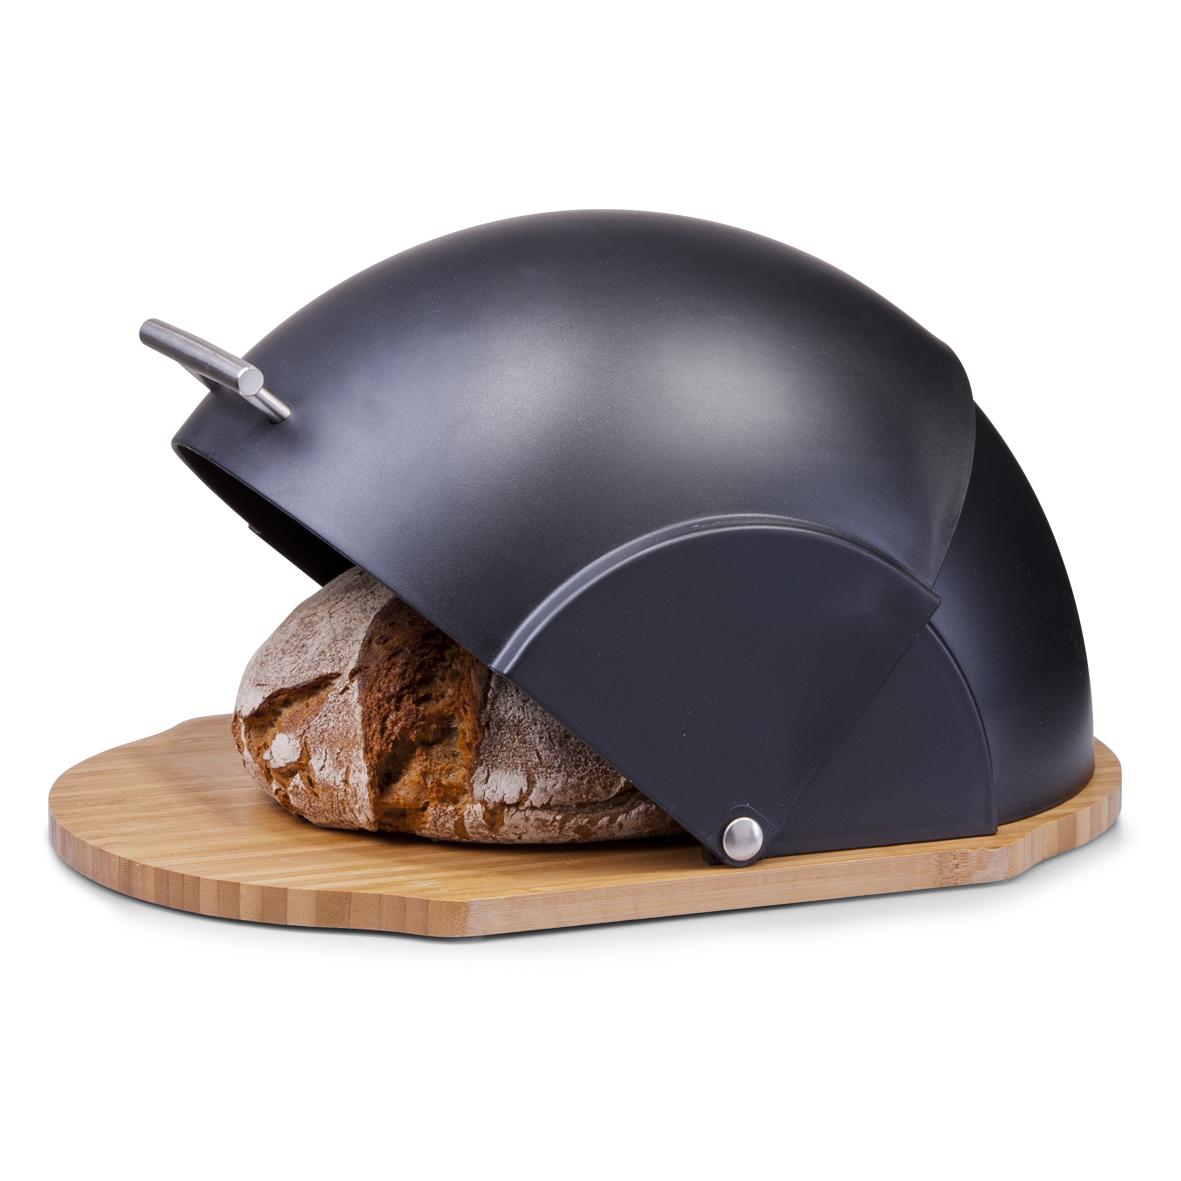 Хлебница Zeller, 37 х 26 х 20,5 см цена